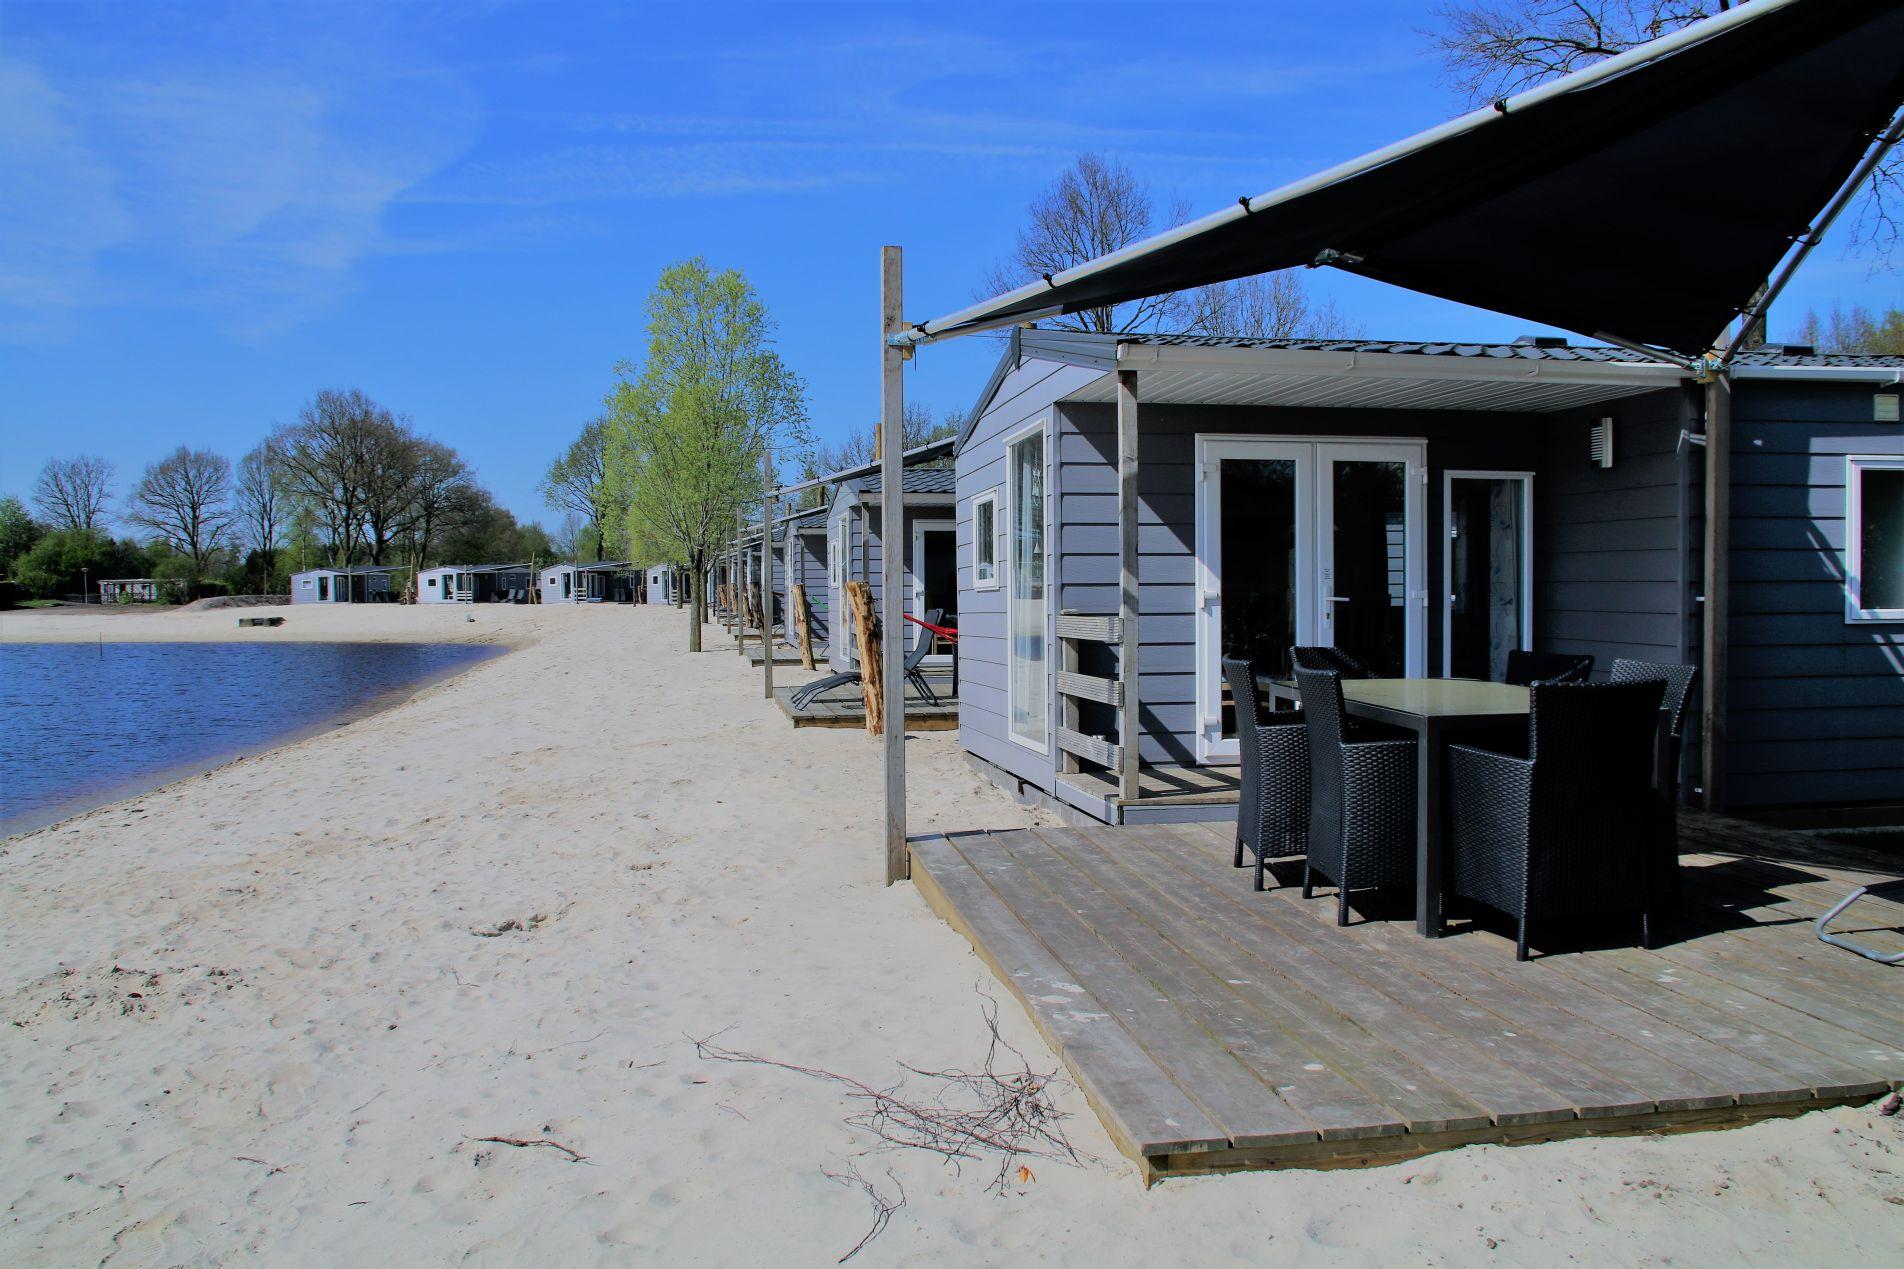 Herfst camping met veel overdekte voorzieningen - Herfst camping in Overijssel